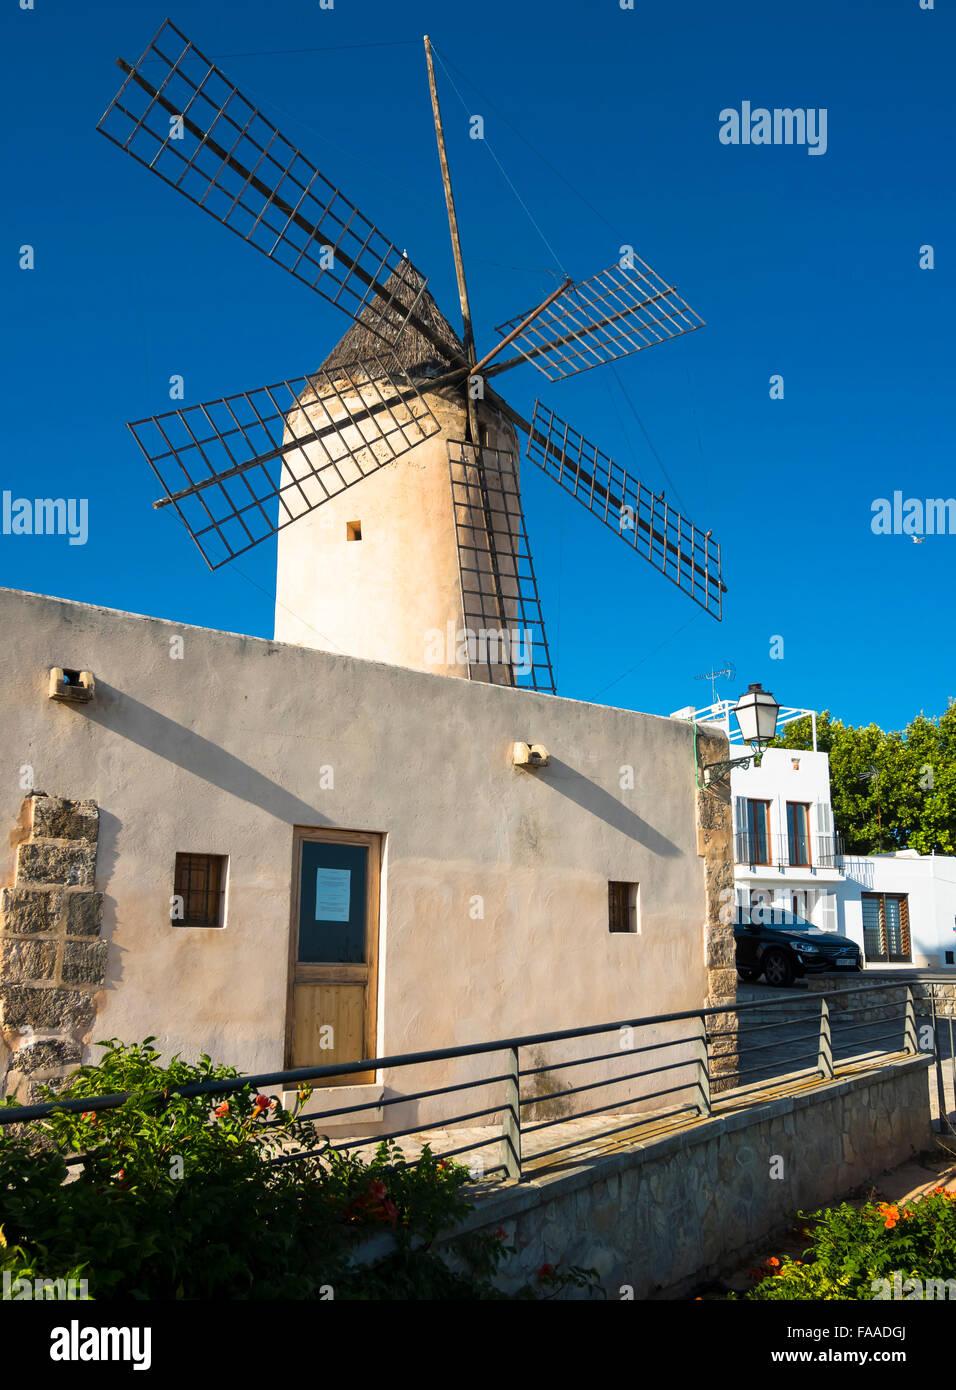 Historische Mühle Es Jonquet, Santa Catalina, Palma de Mallorca, Mallorca, Balearen, Spanien Stockbild